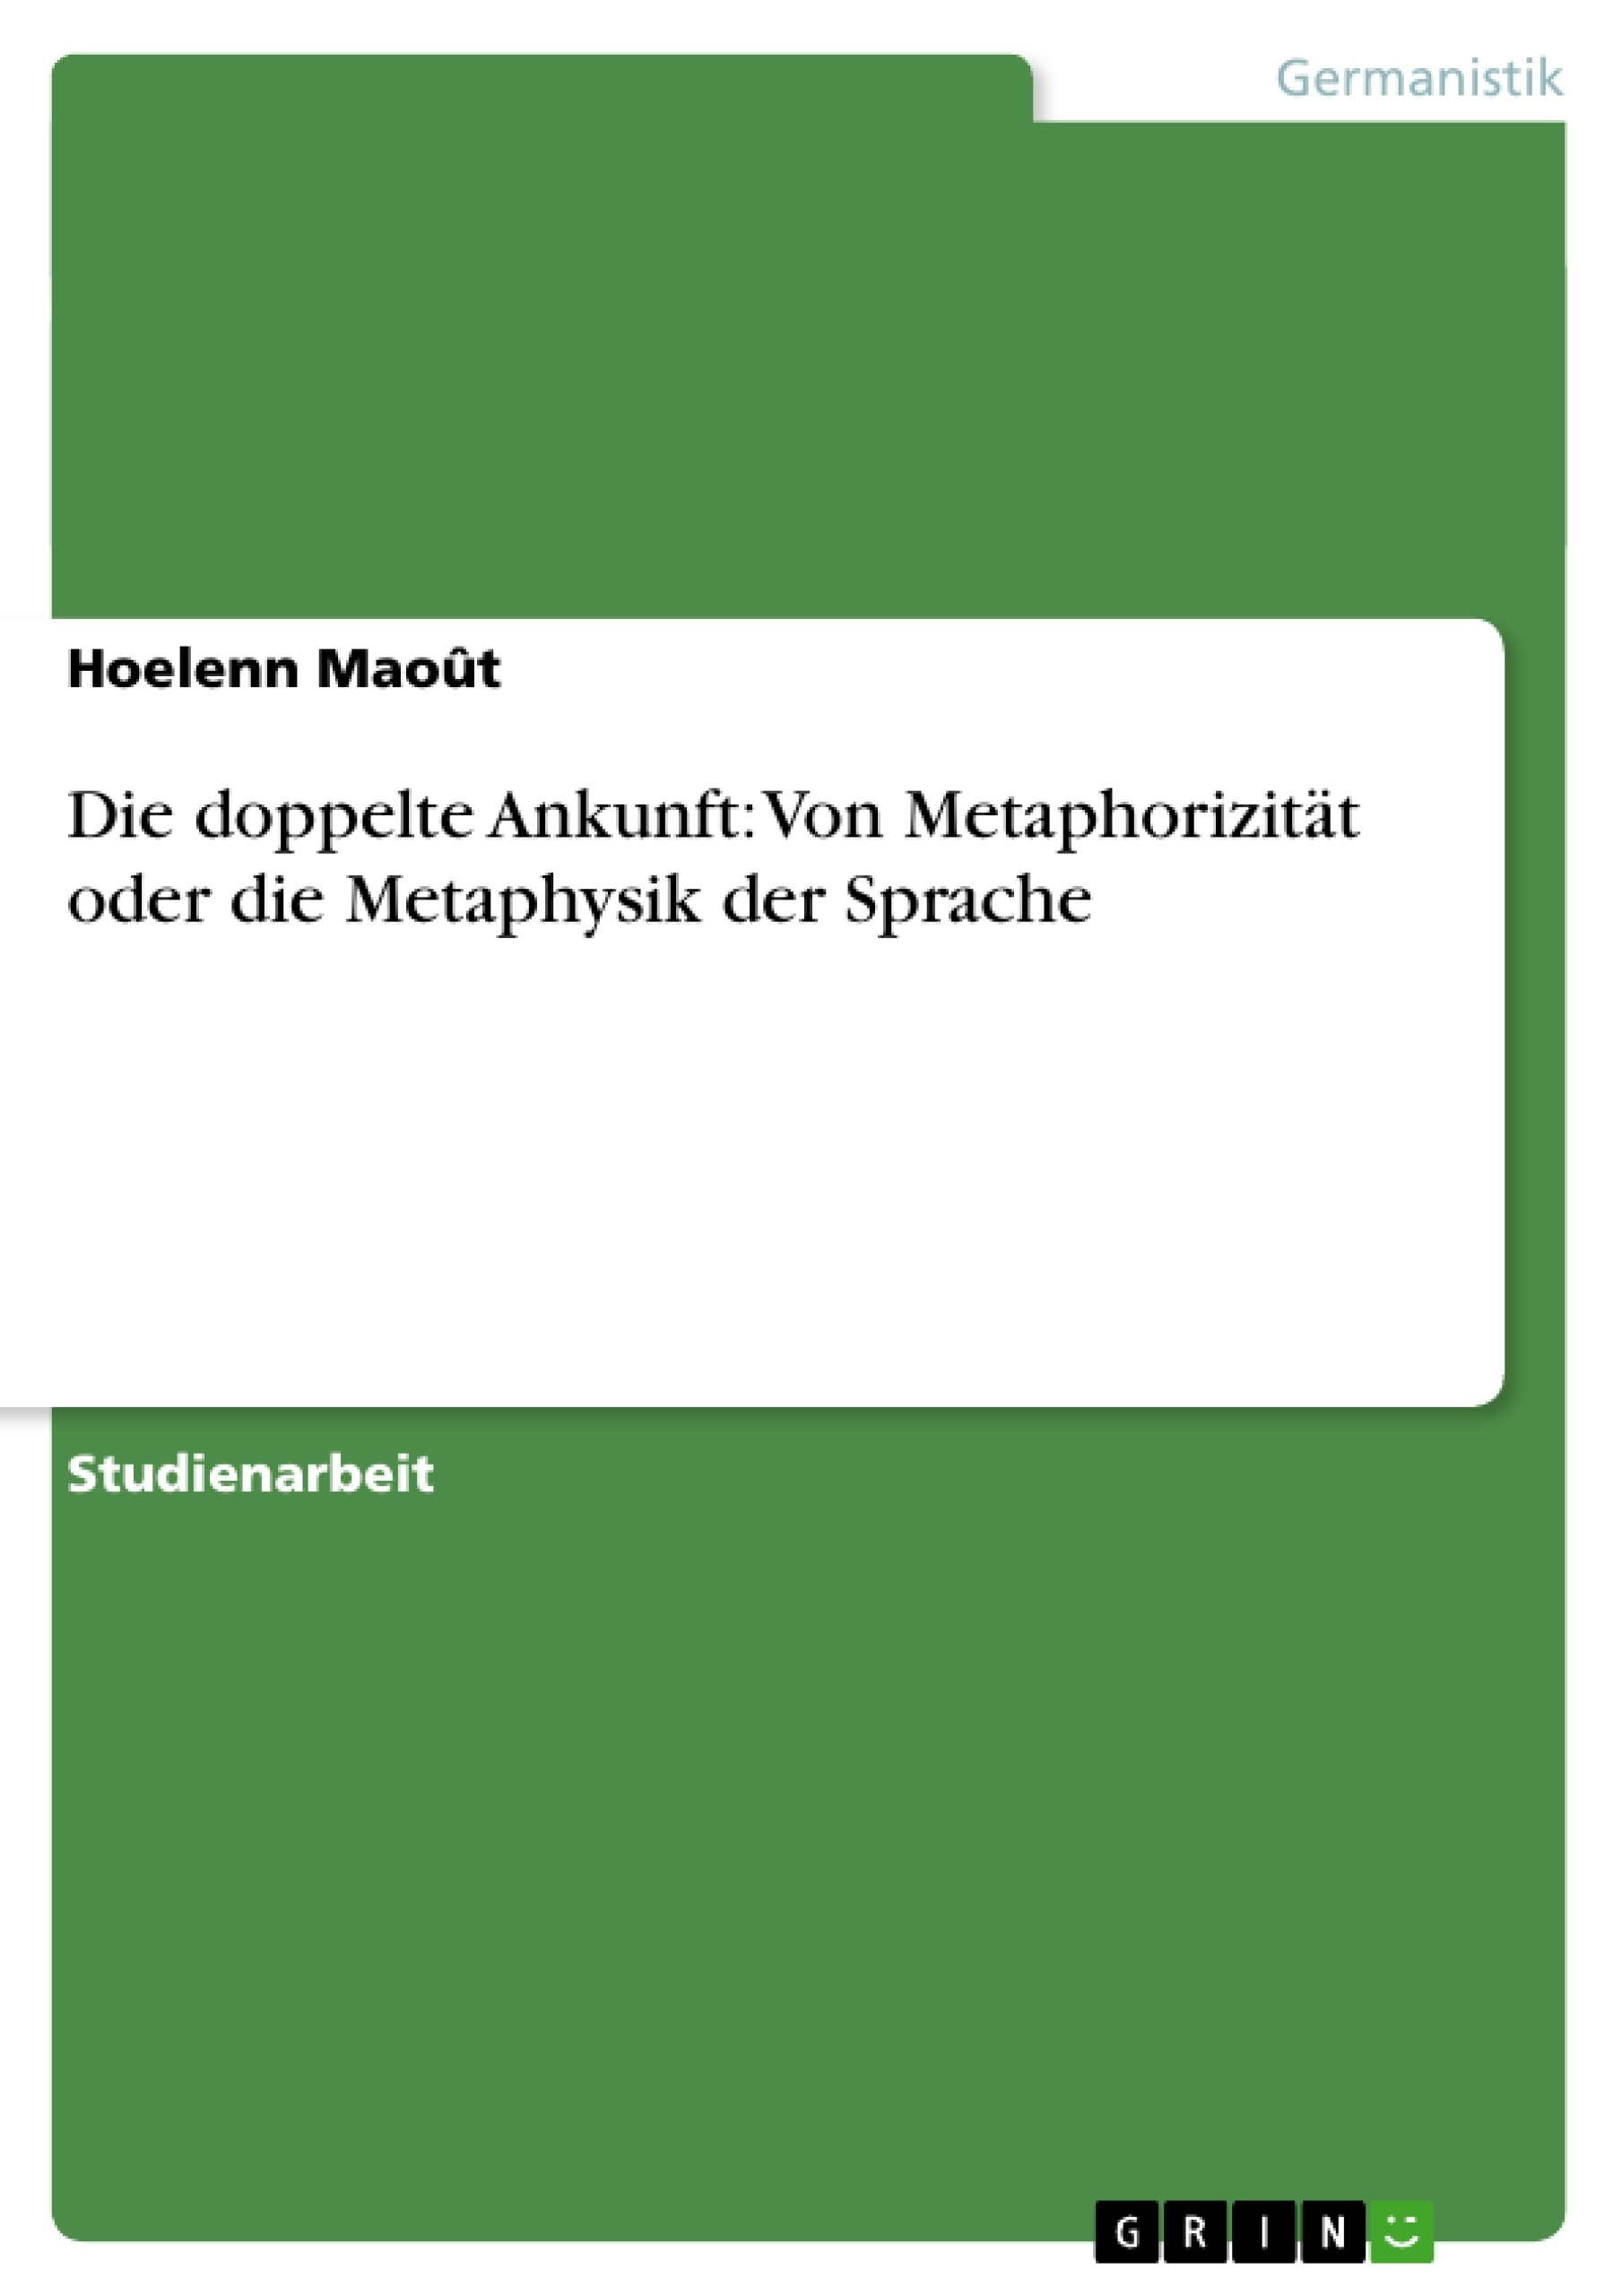 Titel: Die doppelte Ankunft: Von Metaphorizität oder die Metaphysik der Sprache